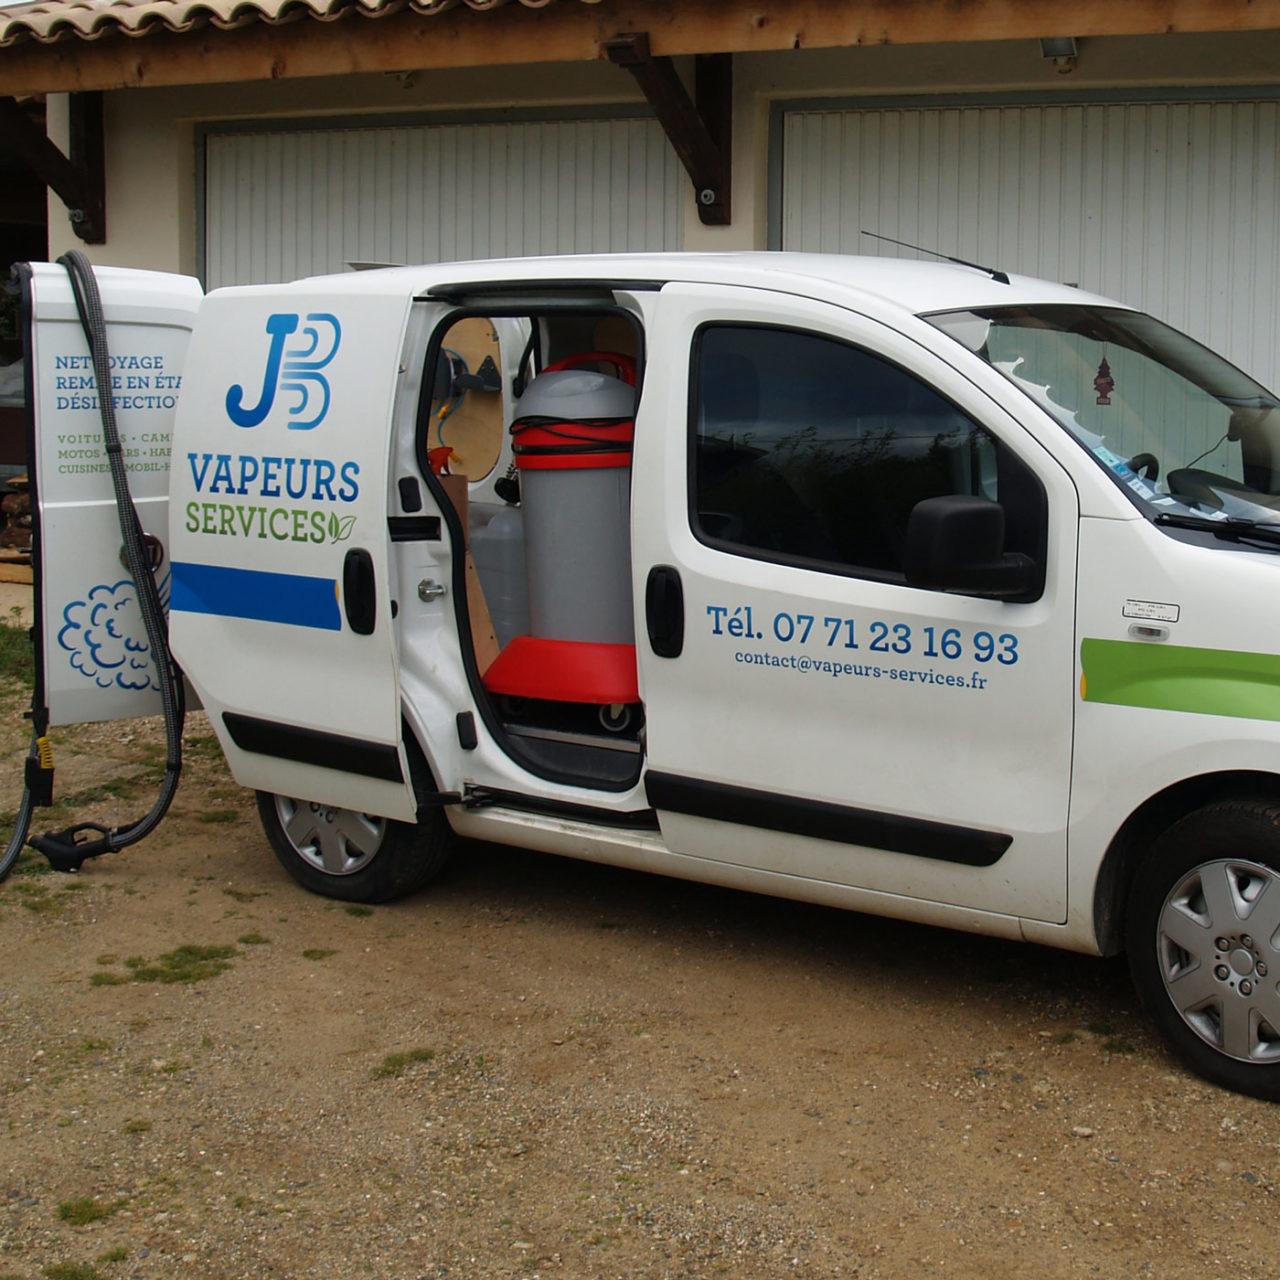 Habillage voiture Vapeur Services